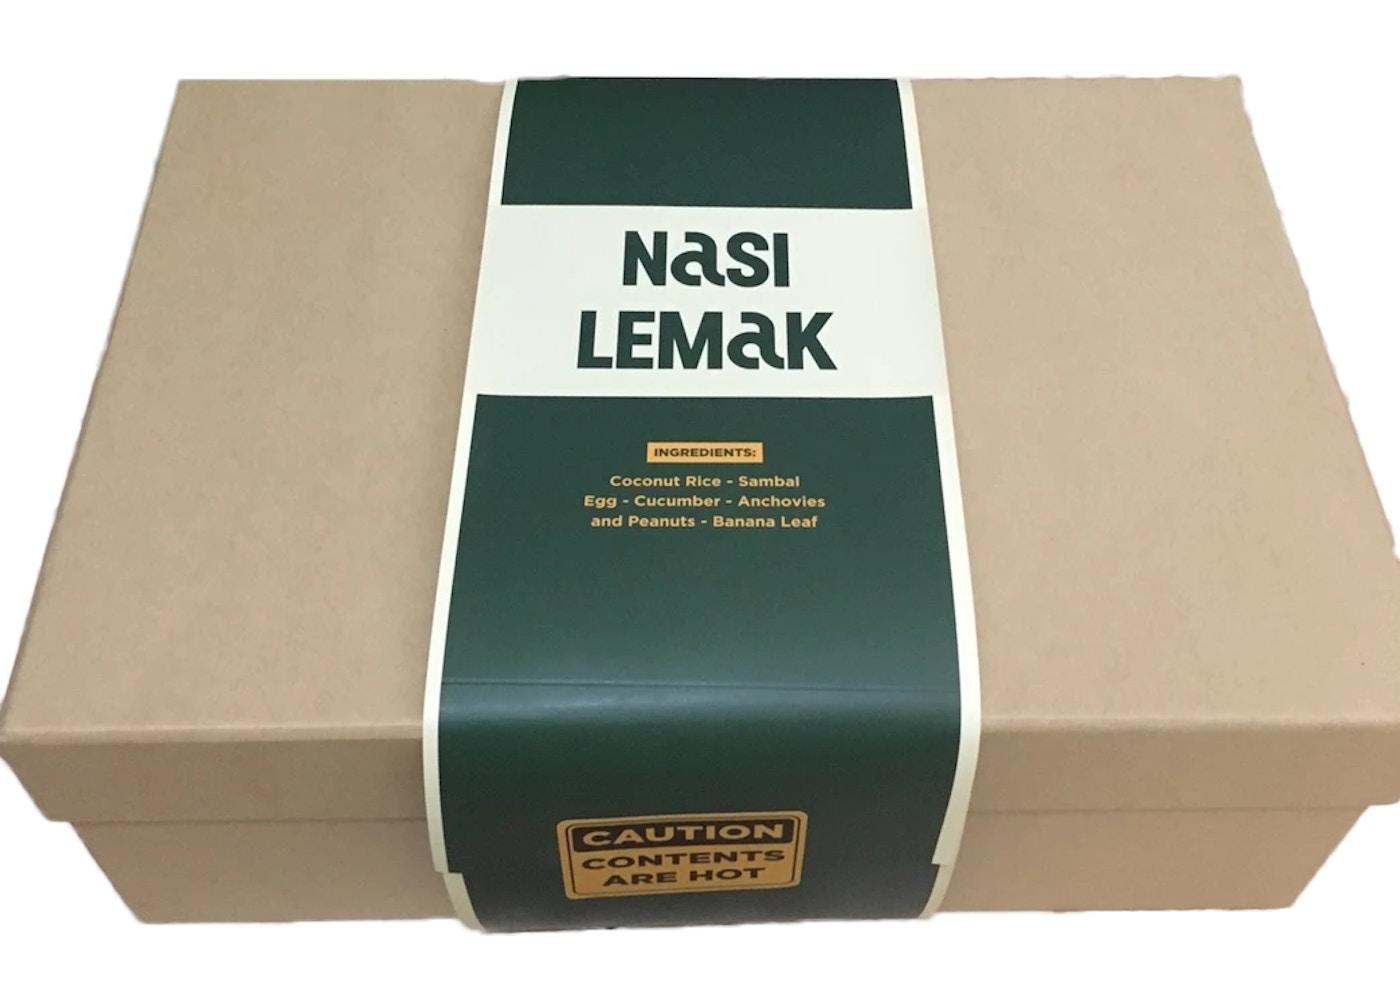 Asics Gel Kayano 5 OG Hundred% x SneakerLAH Nasi Lemak (Special Box)